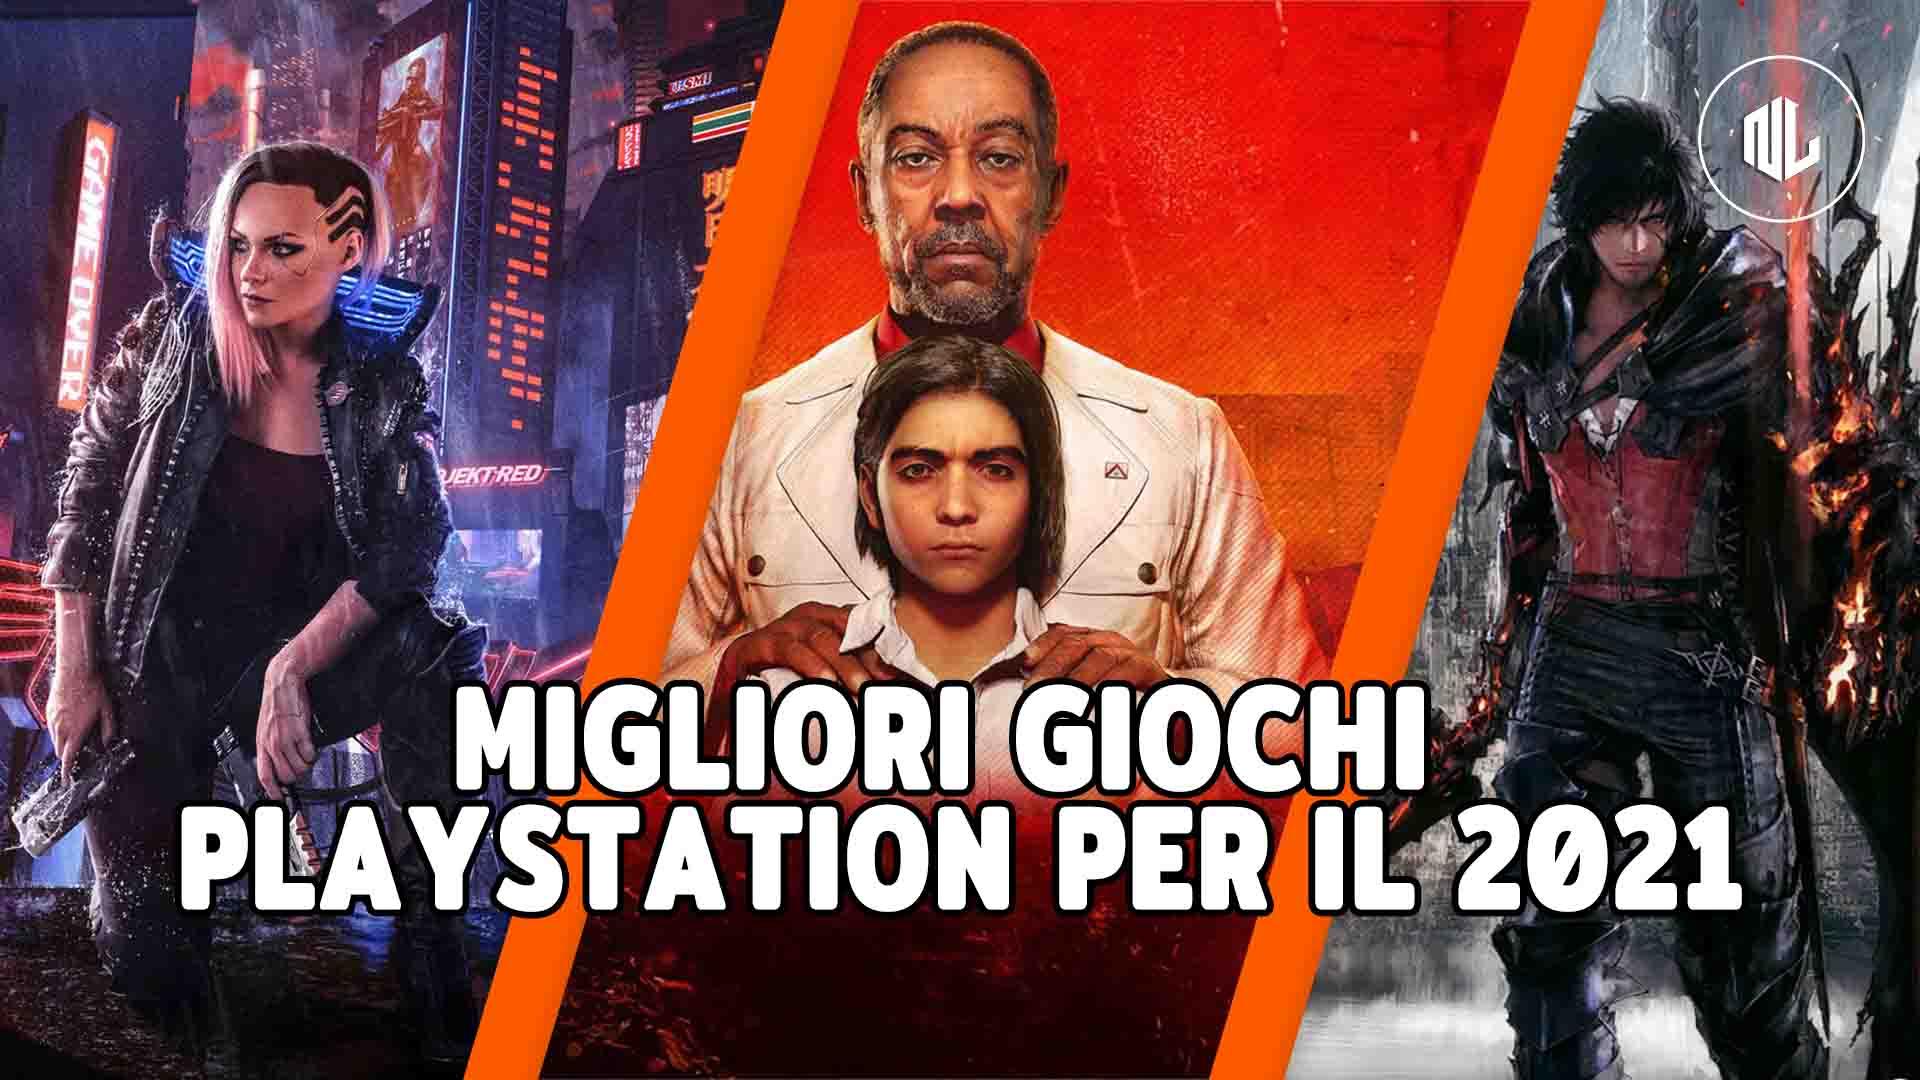 migliori giochi playstation 2021